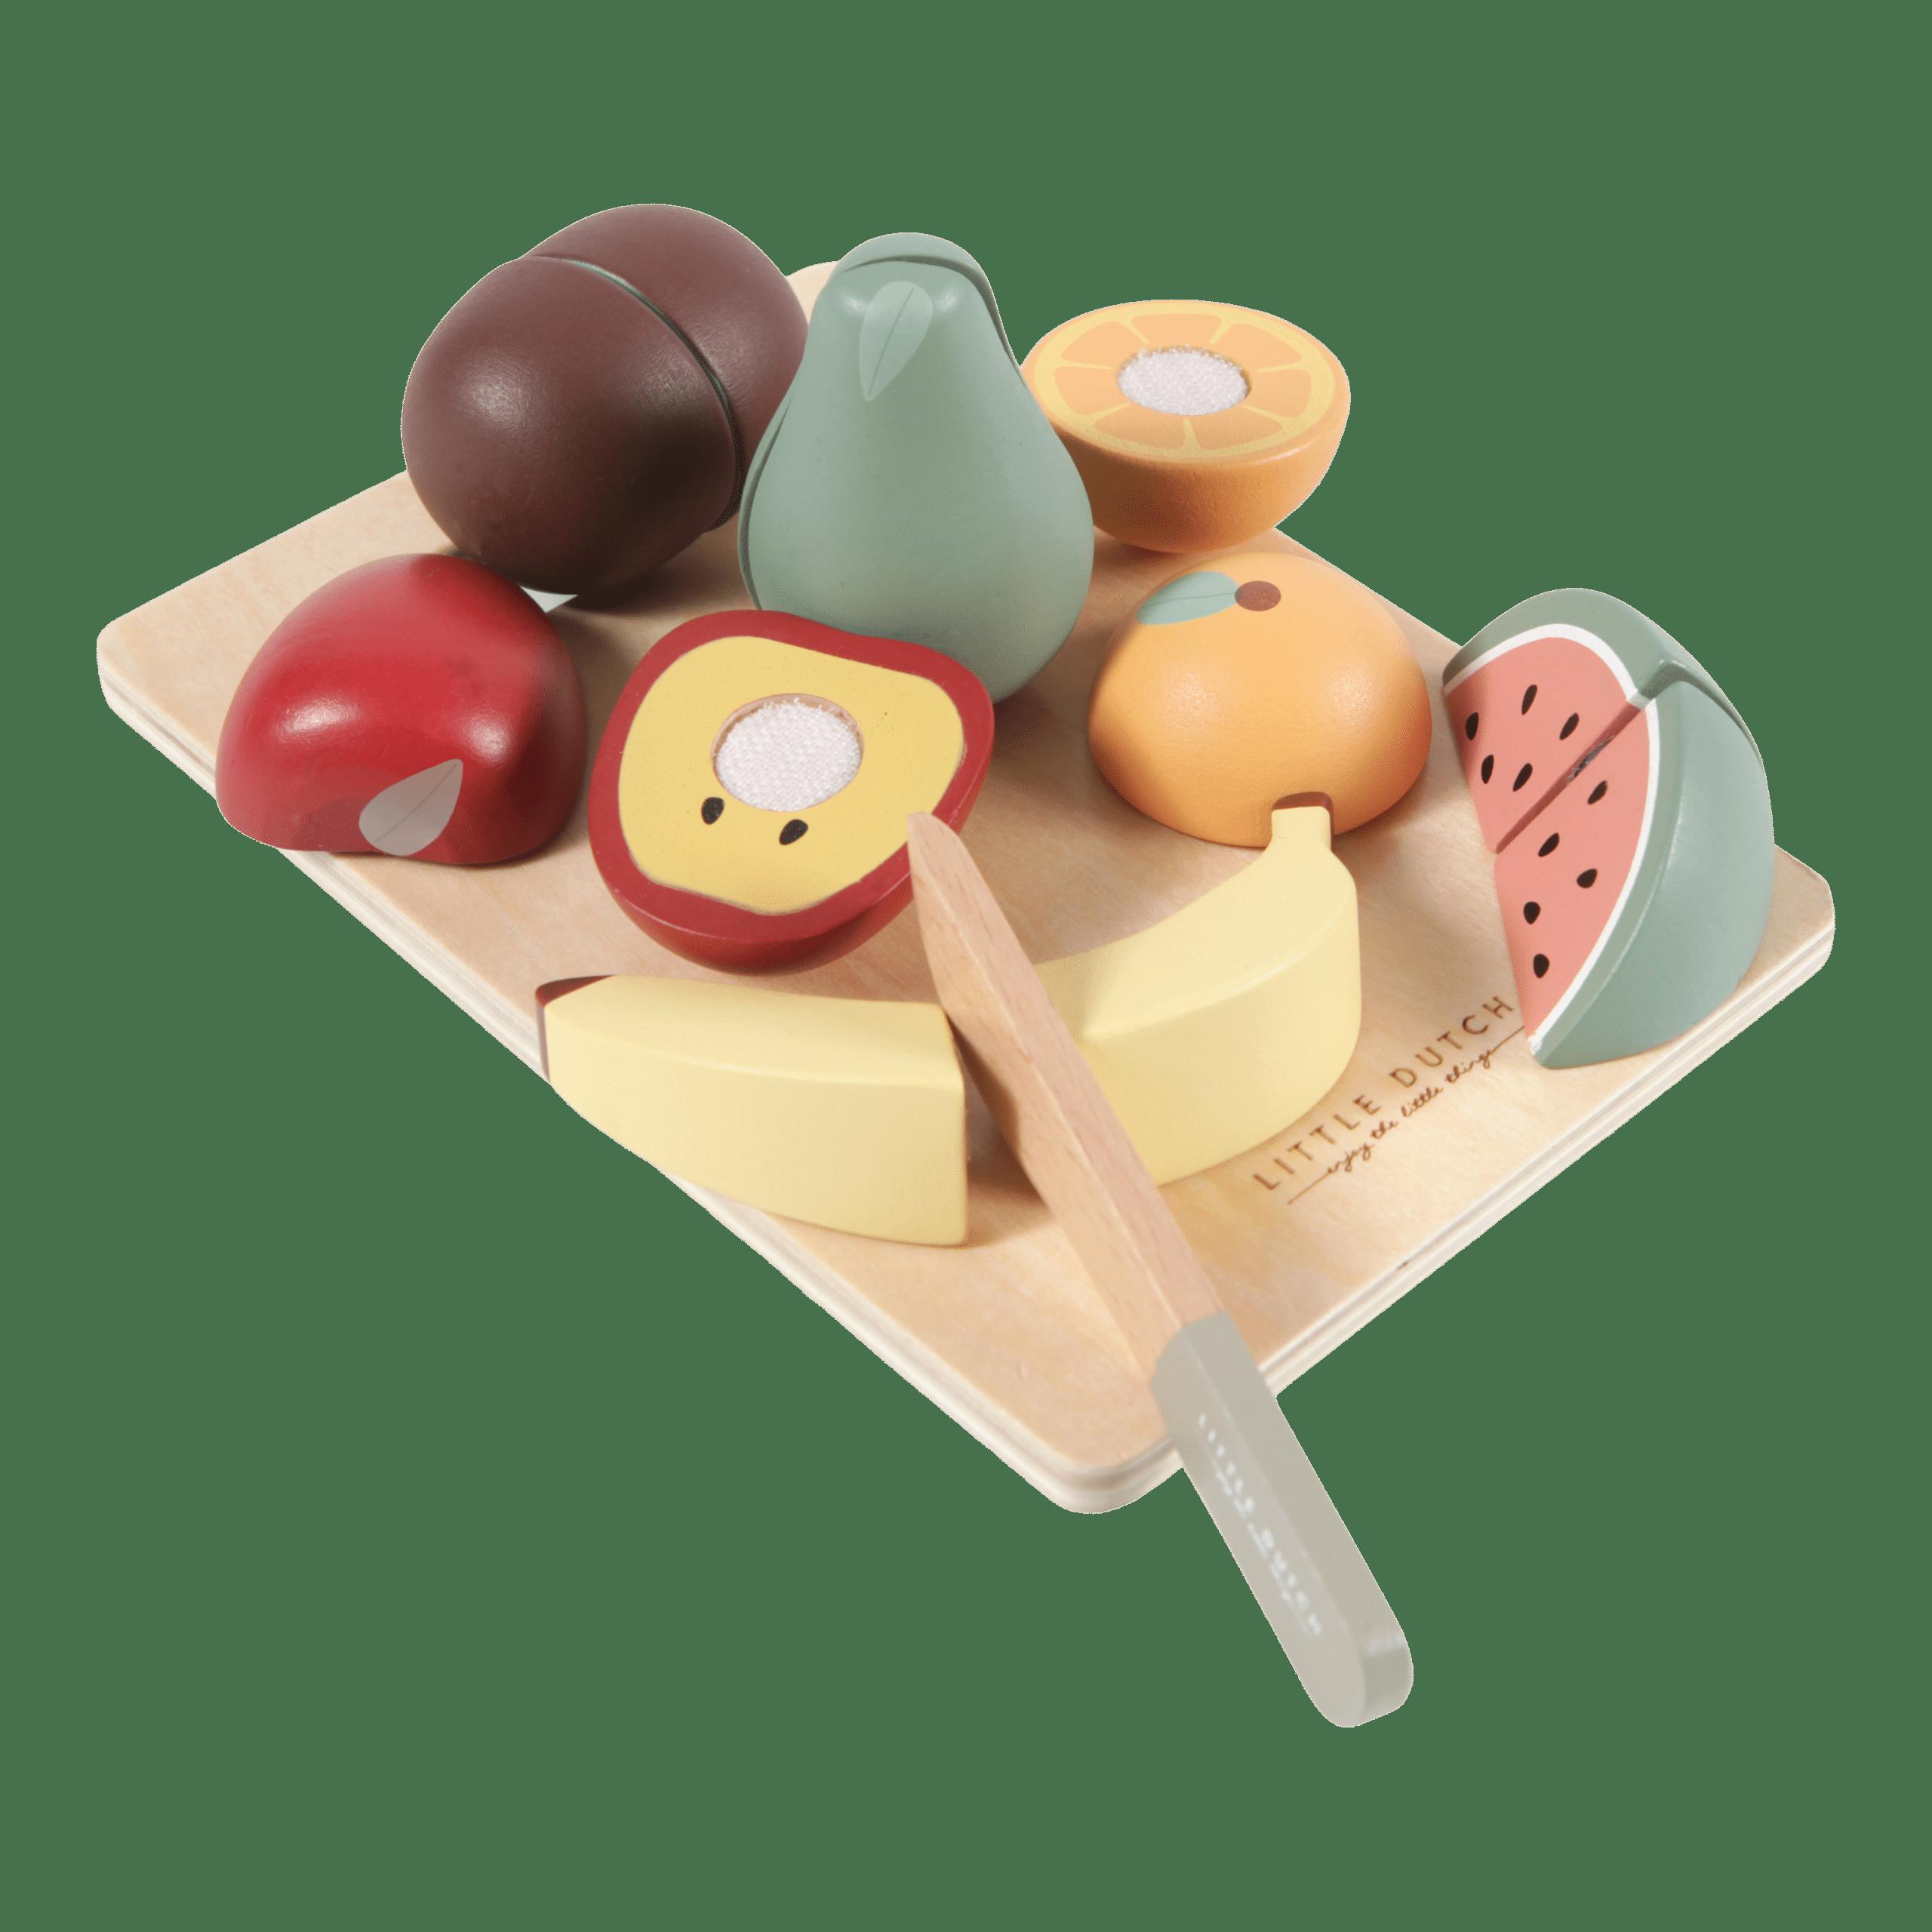 Houten snijset fruit - Little Dutch